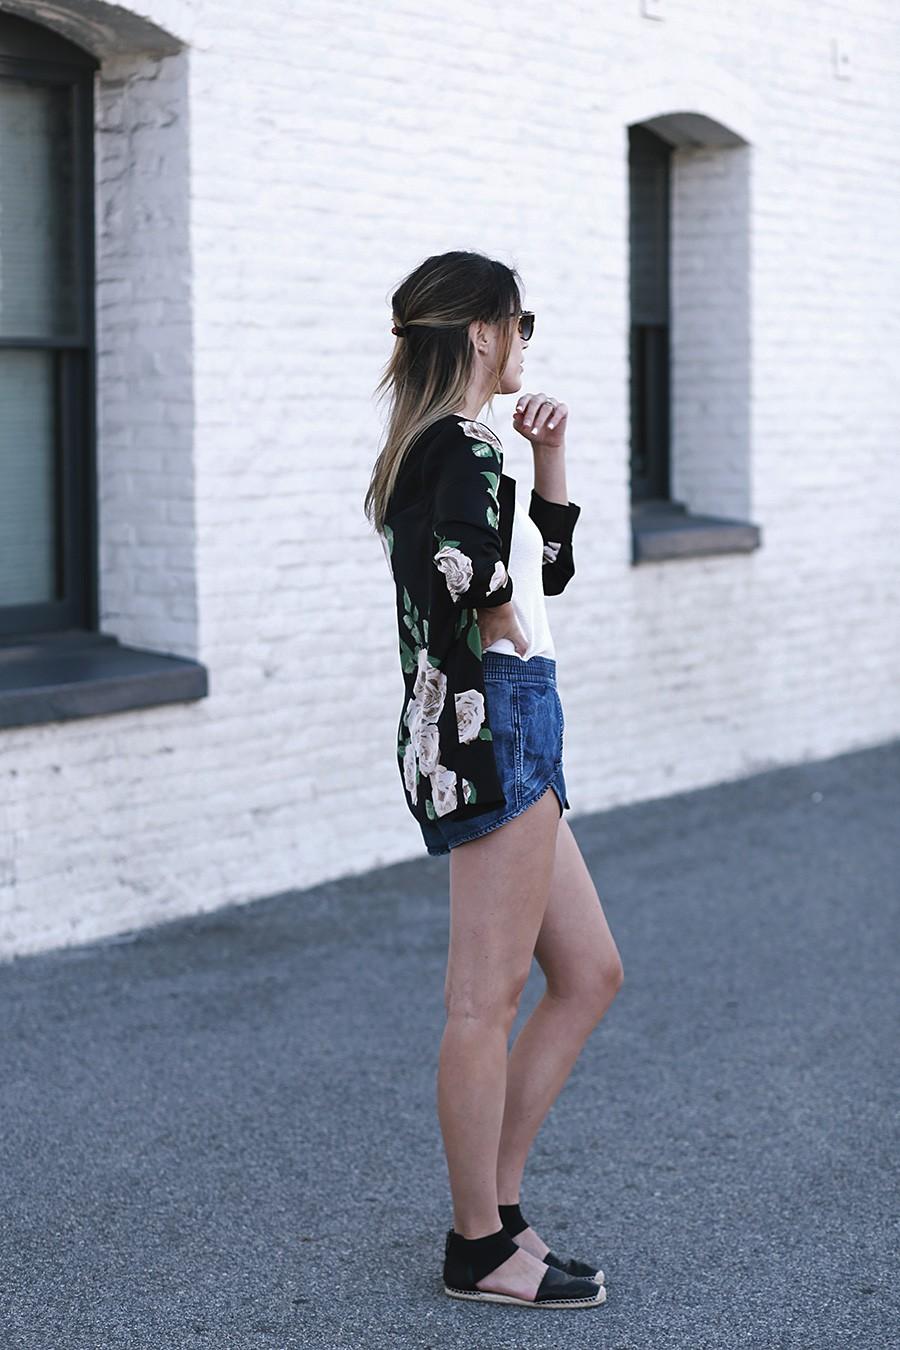 Forever-21-Floral-Blazer-Tulip-shorts-Slumlove-sweater-6-900x1350 (1)